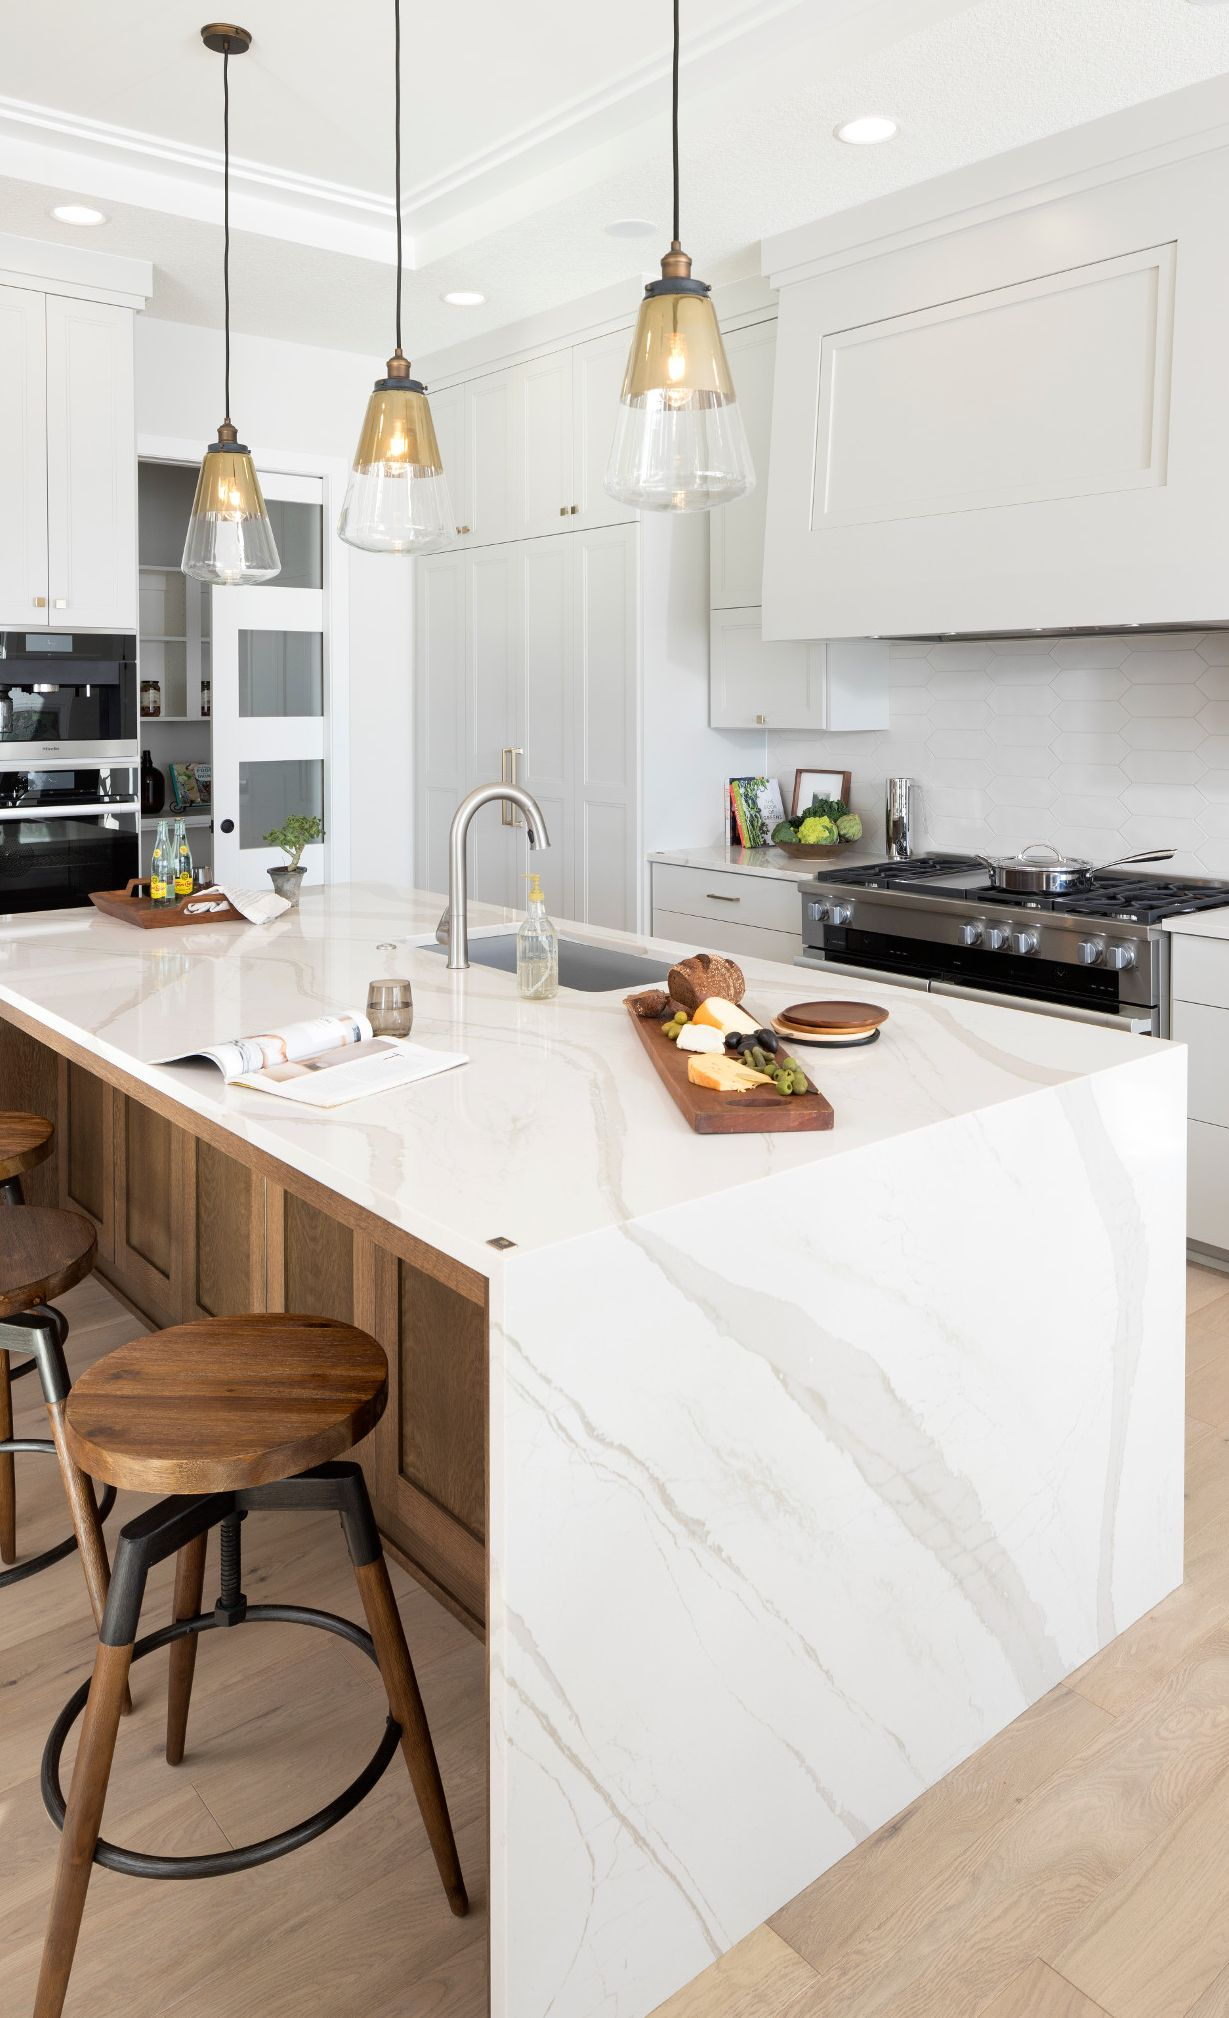 Cambria-Quartz-Countertop-Brittanicca-Warm-Kitchen